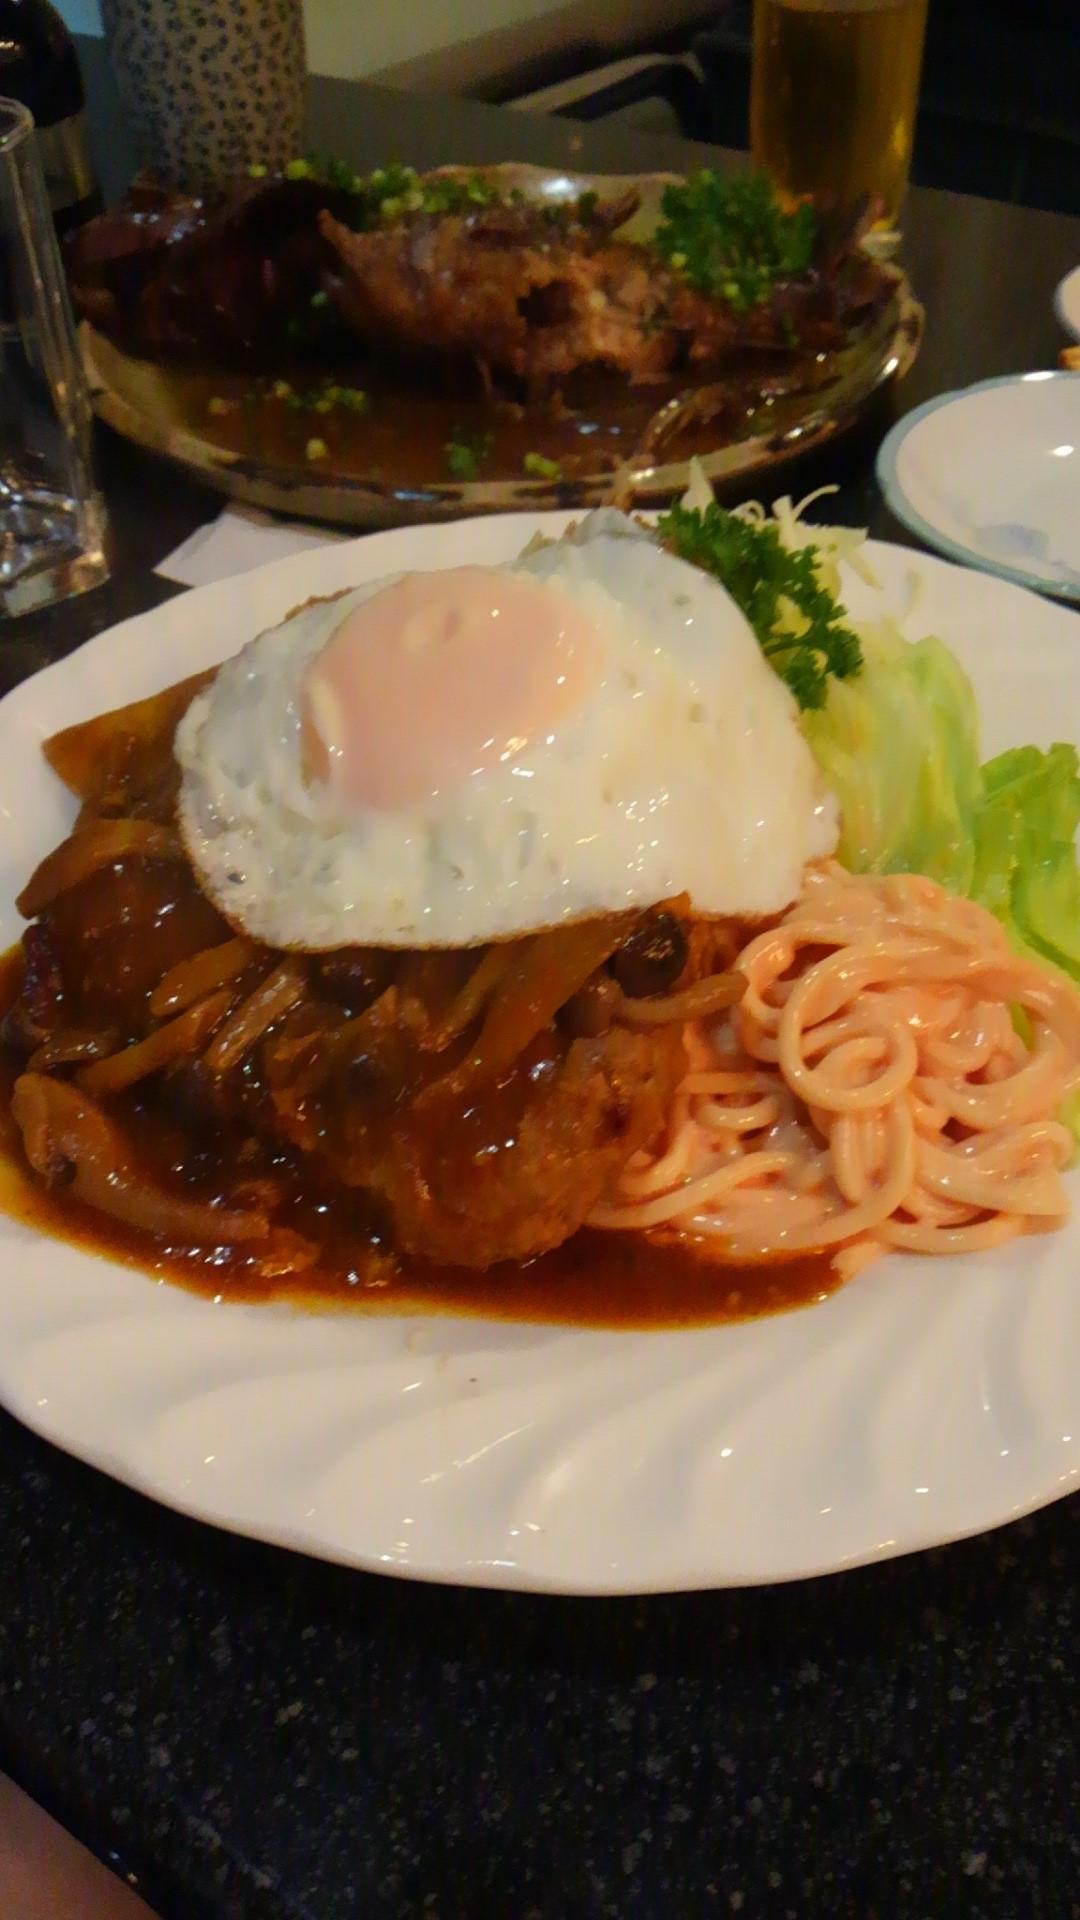 町田の定食屋『とき』 定食屋で飲むことの贅沢さ!